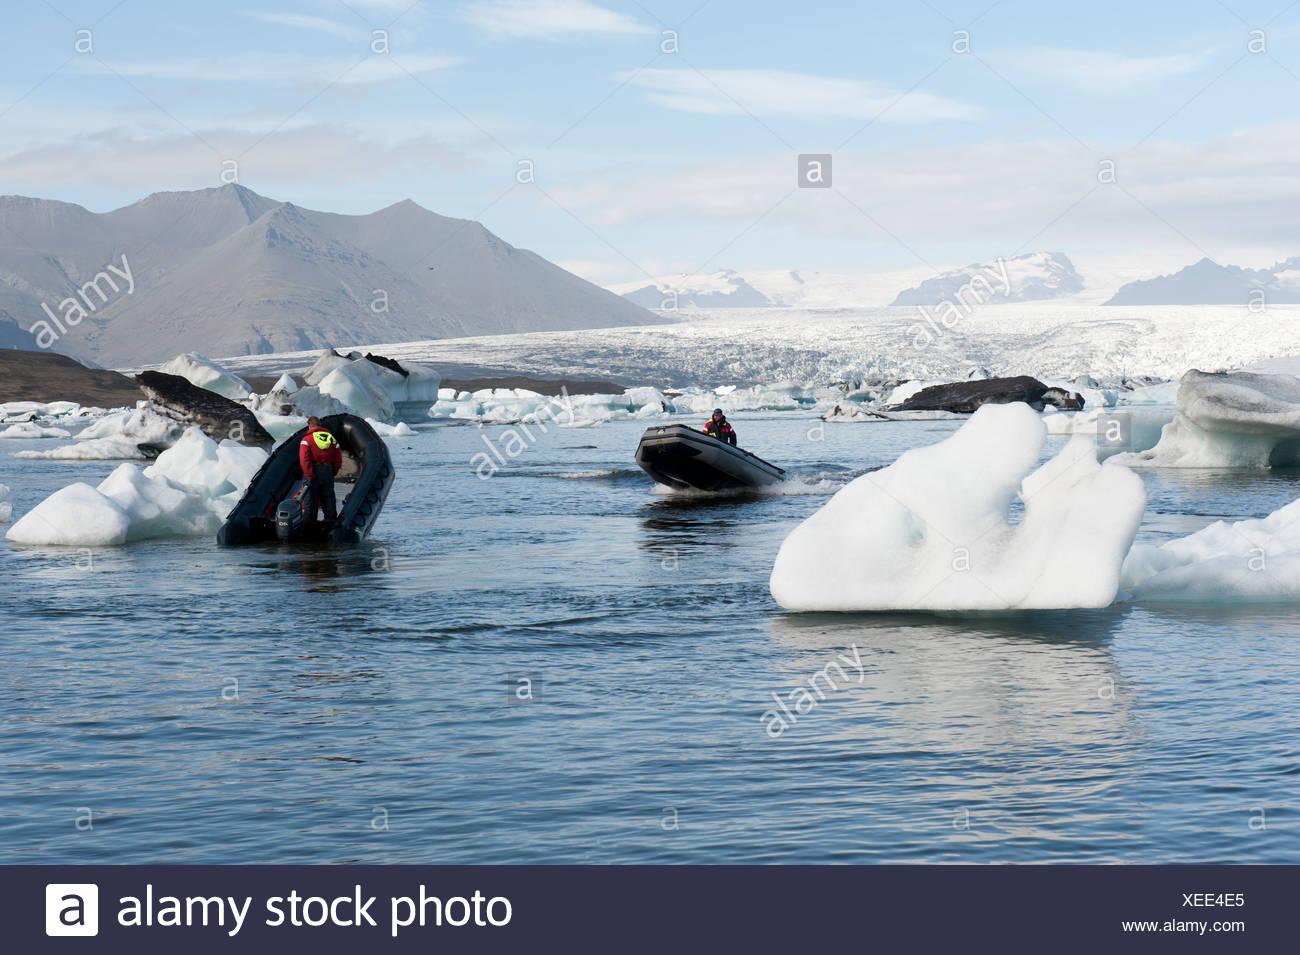 Motor boats, inflatable boats between icebergs, Joekulsárlón glacial lake, Joekulsarlon, Iceland, Scandinavia, Northern Europe - Stock Image